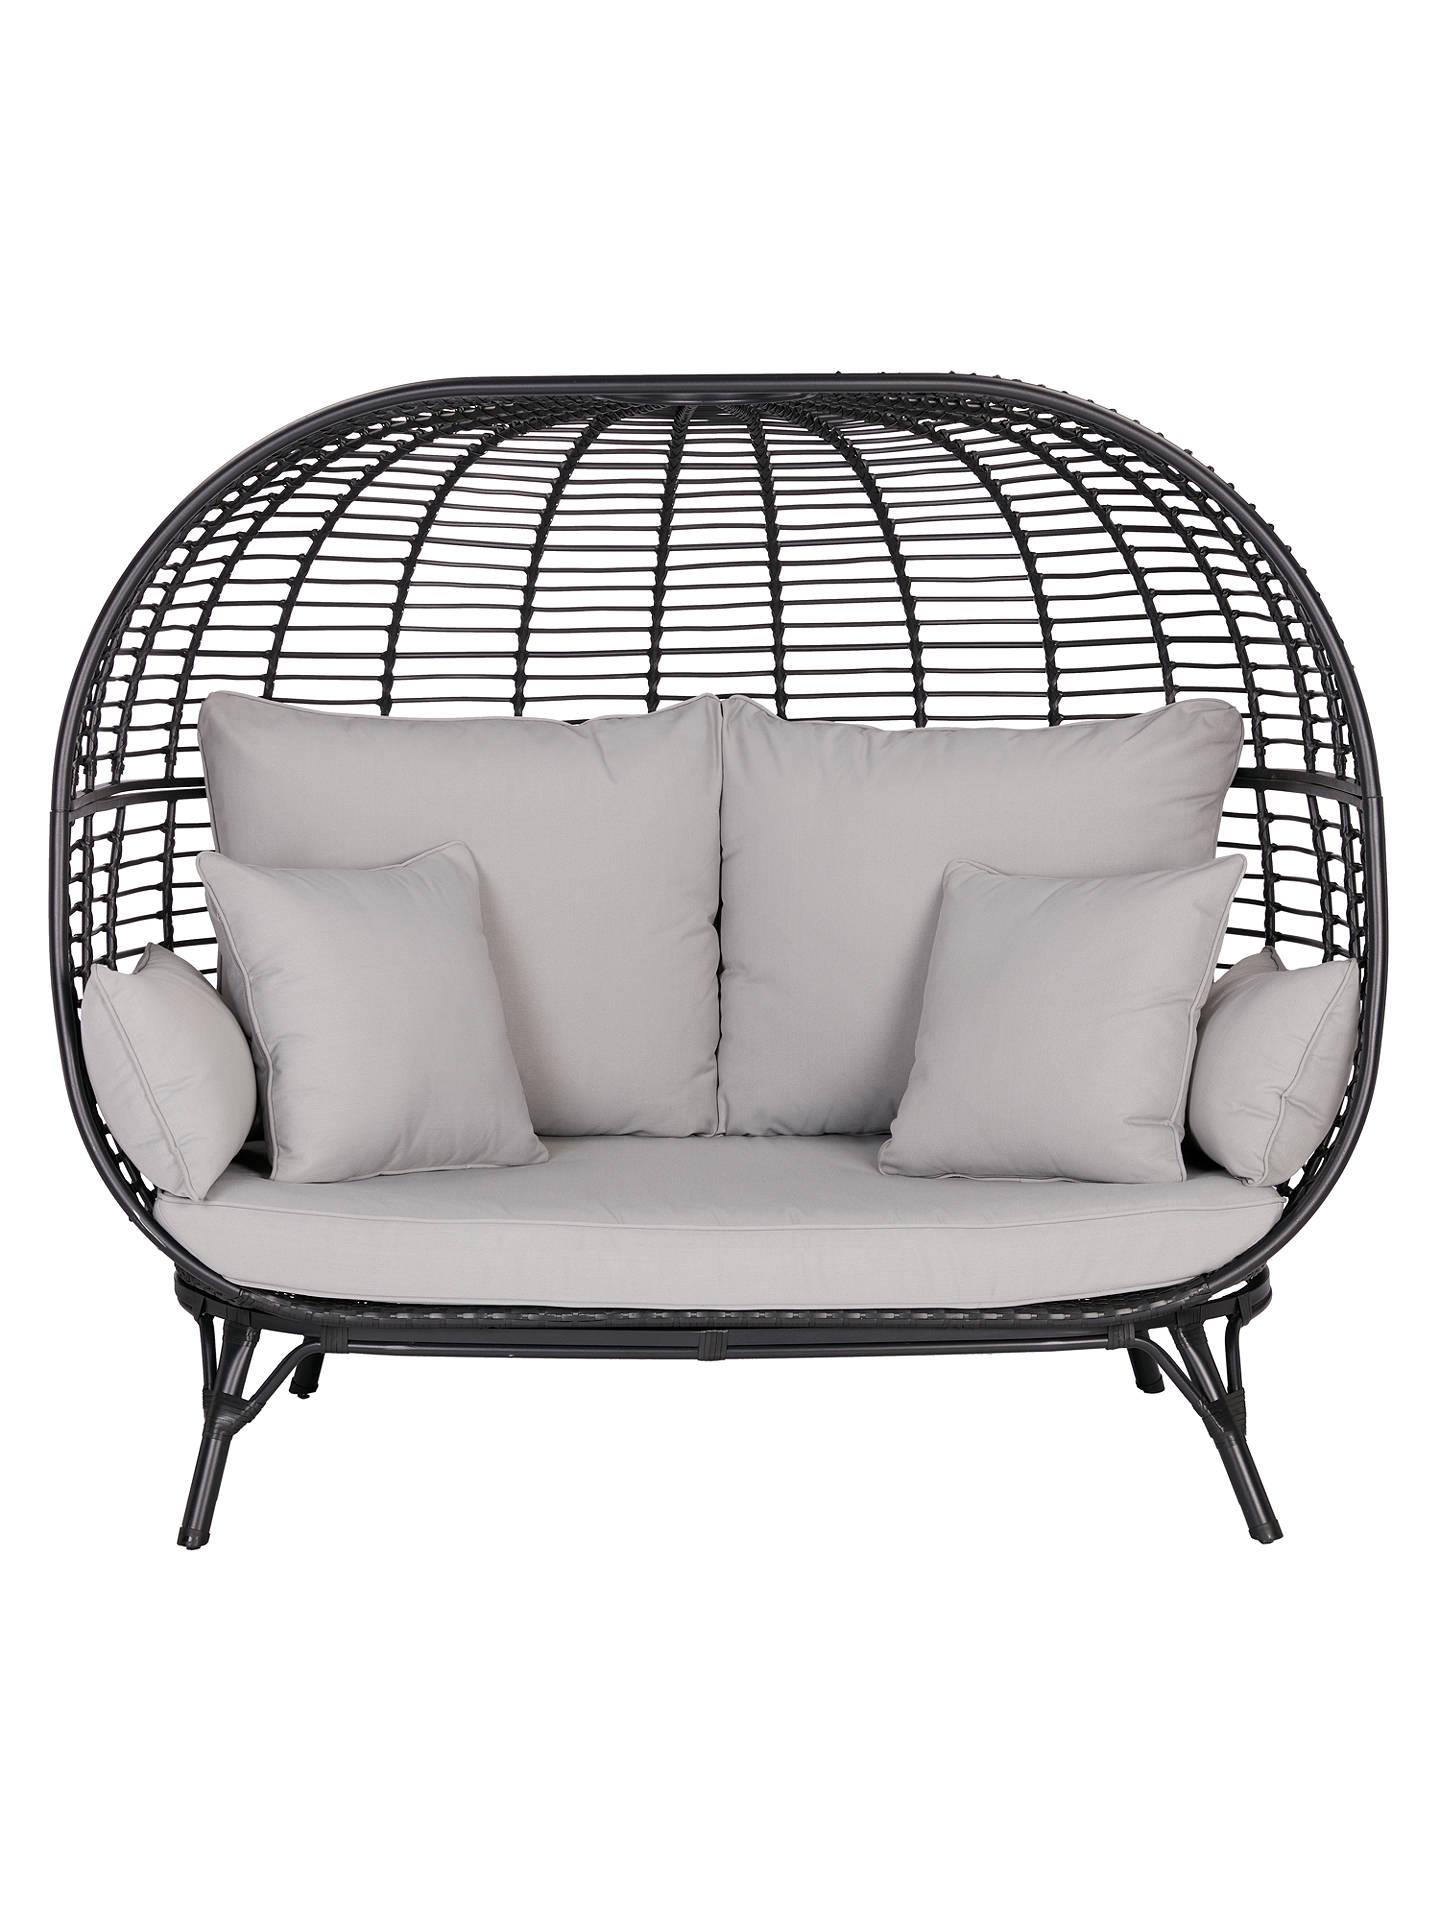 John Lewis & Partners Cabana 7 Seater Garden Sofa Pod, Black at